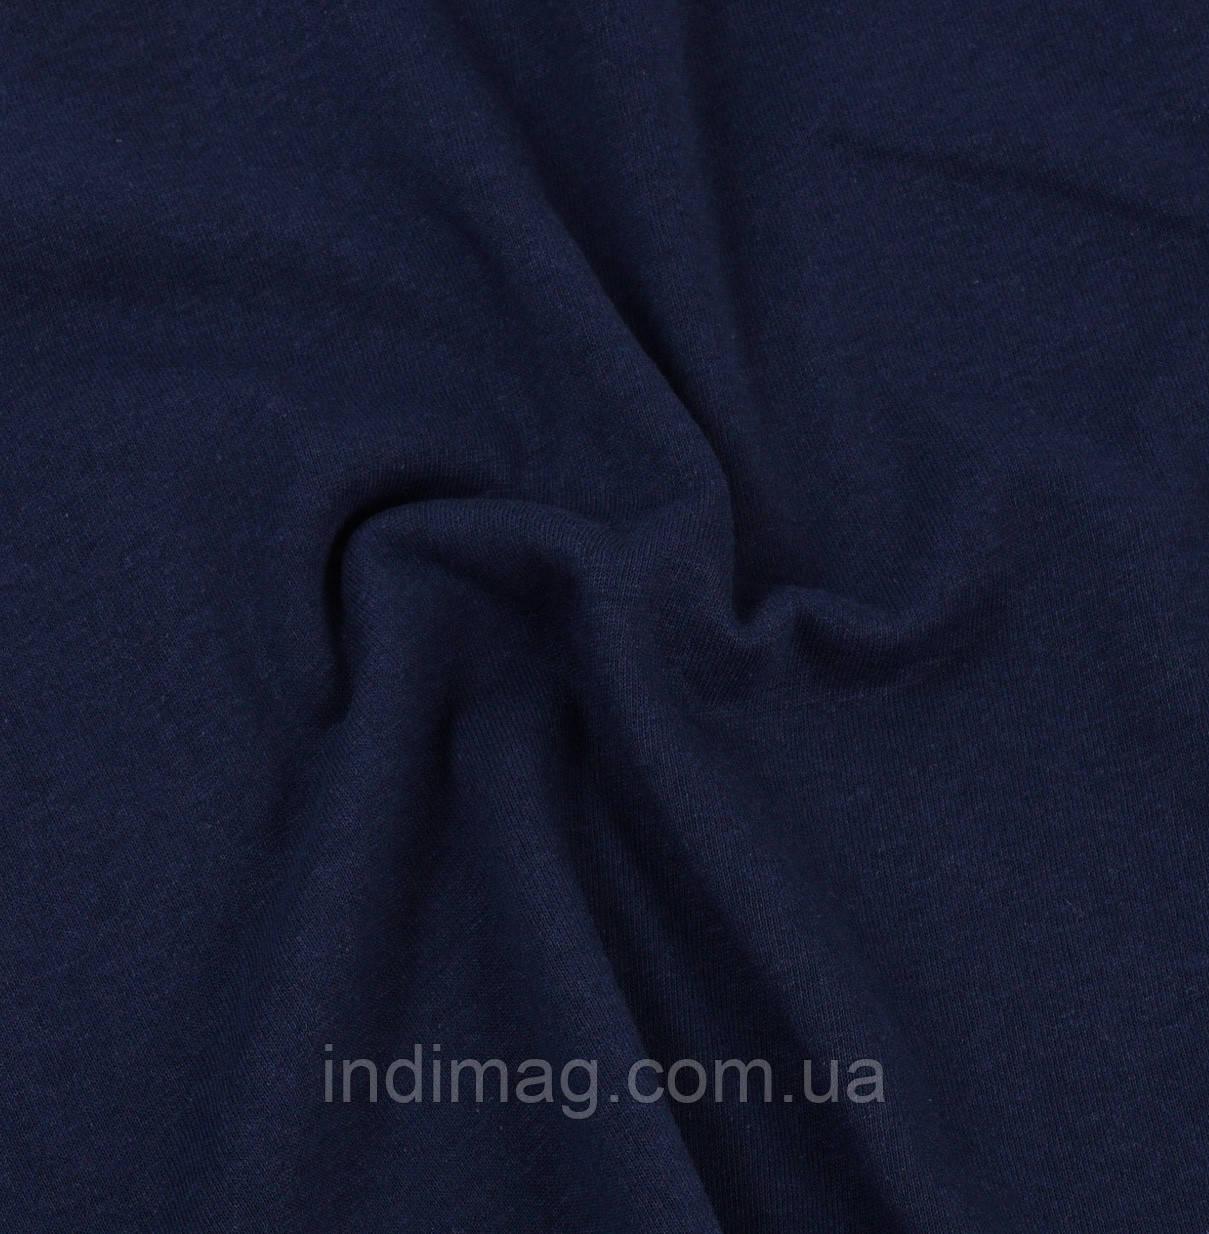 Кулир однотонный темно синий супрем хлопковый